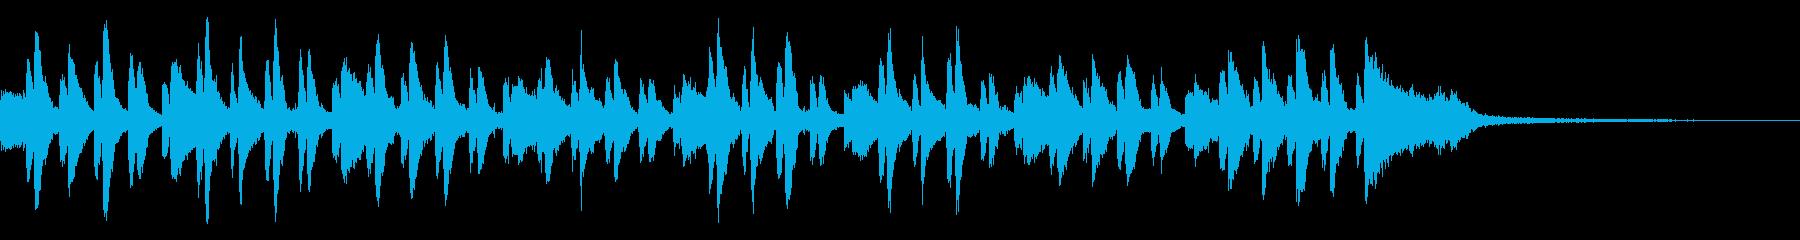 ピアノコンチェルト風~緊迫したBGM~の再生済みの波形